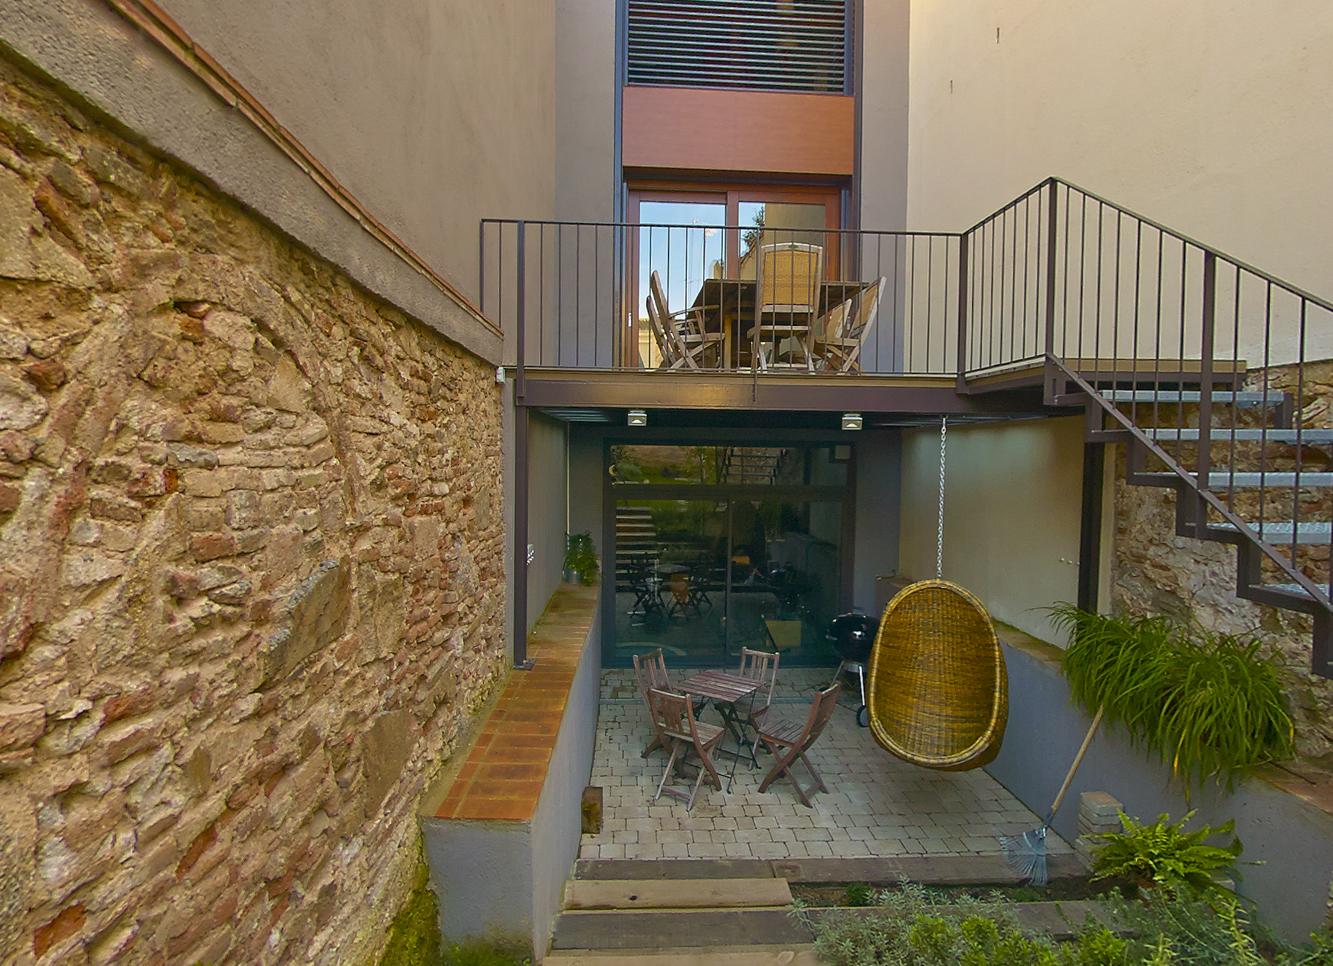 Patio Jardin Reforma e Interiorismo Casa en Badalona - Rosa Colet